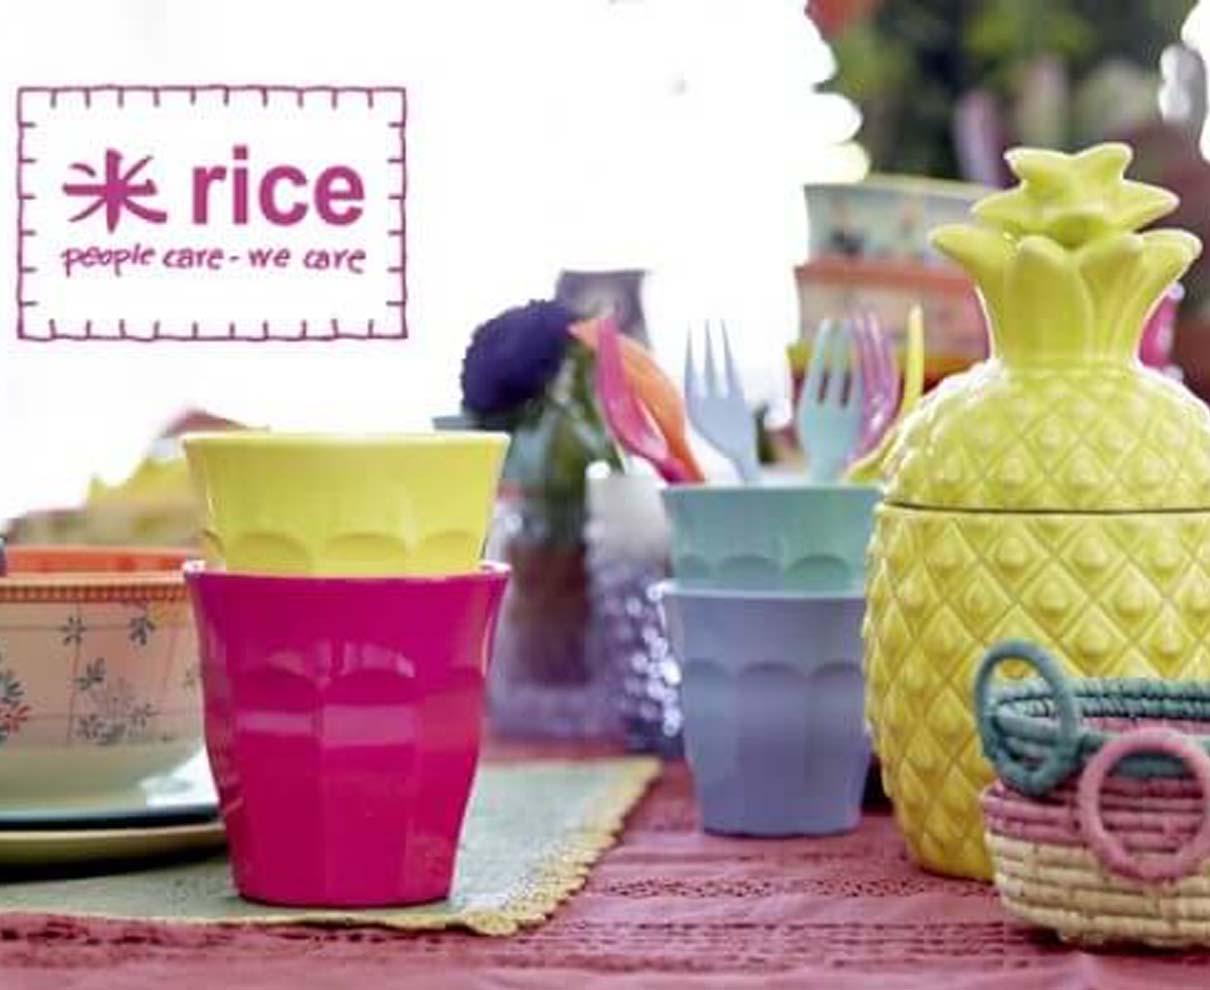 【rice(ライス)】のメラミン食器は丈夫でオシャレ!おしゃピク・ハロウィン・クリスマスパーティーにもおすすめ。